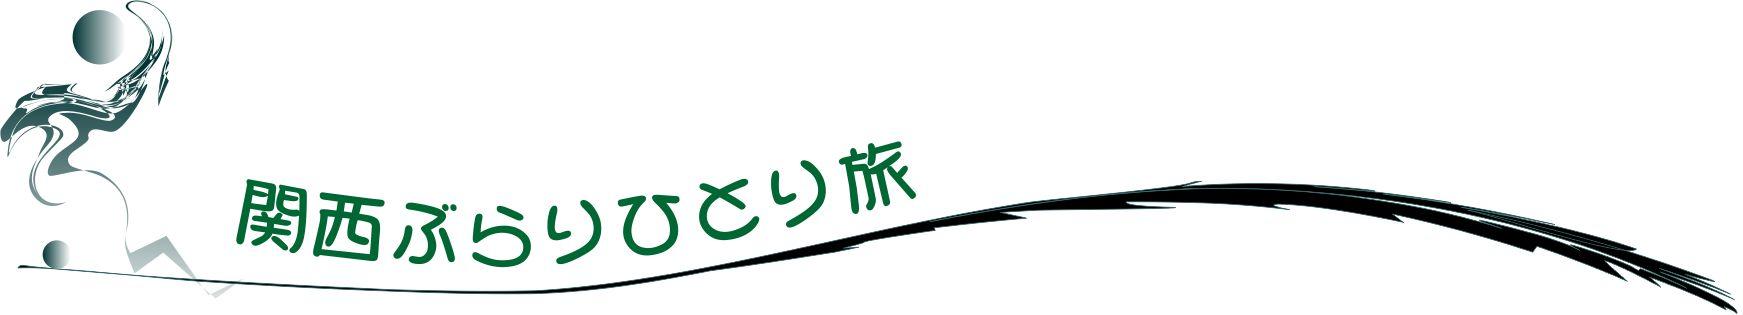 関西ぶらりひとり旅~関西の穴場スポットを紹介します~